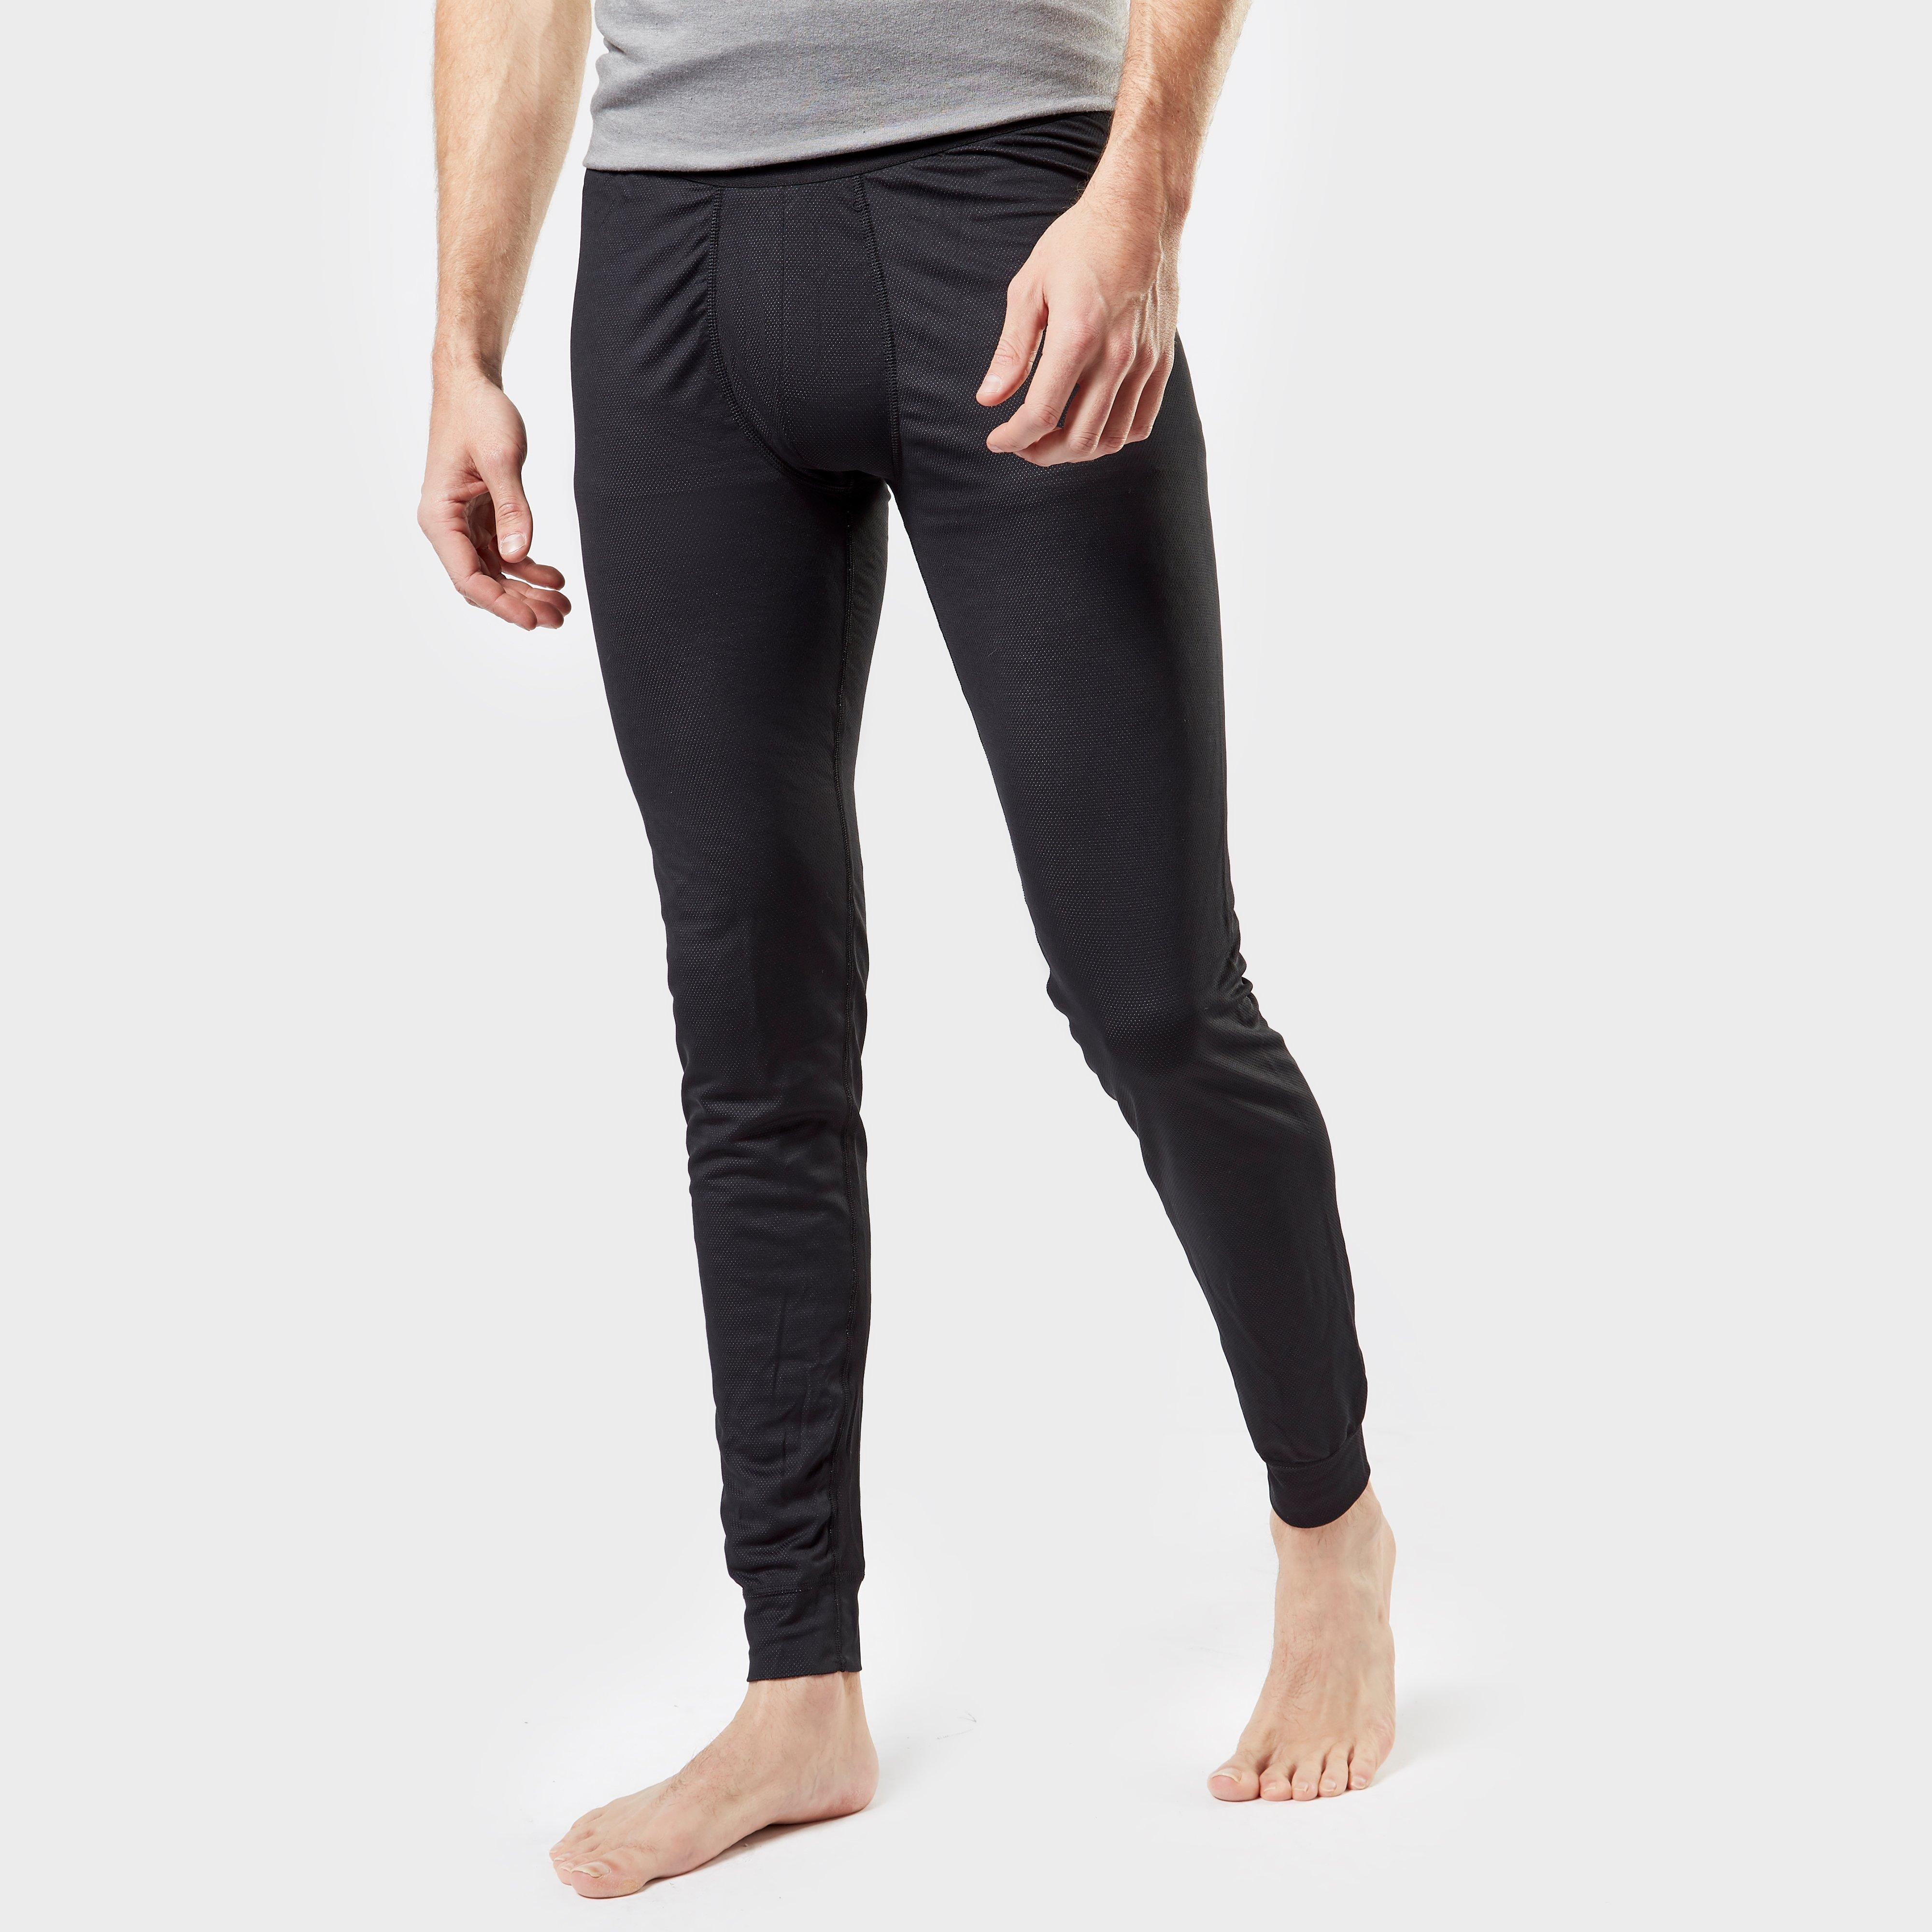 Image of Odlo Men's Active F-Dry Light Base Layer Pants - Black/Blk, Black/BLK